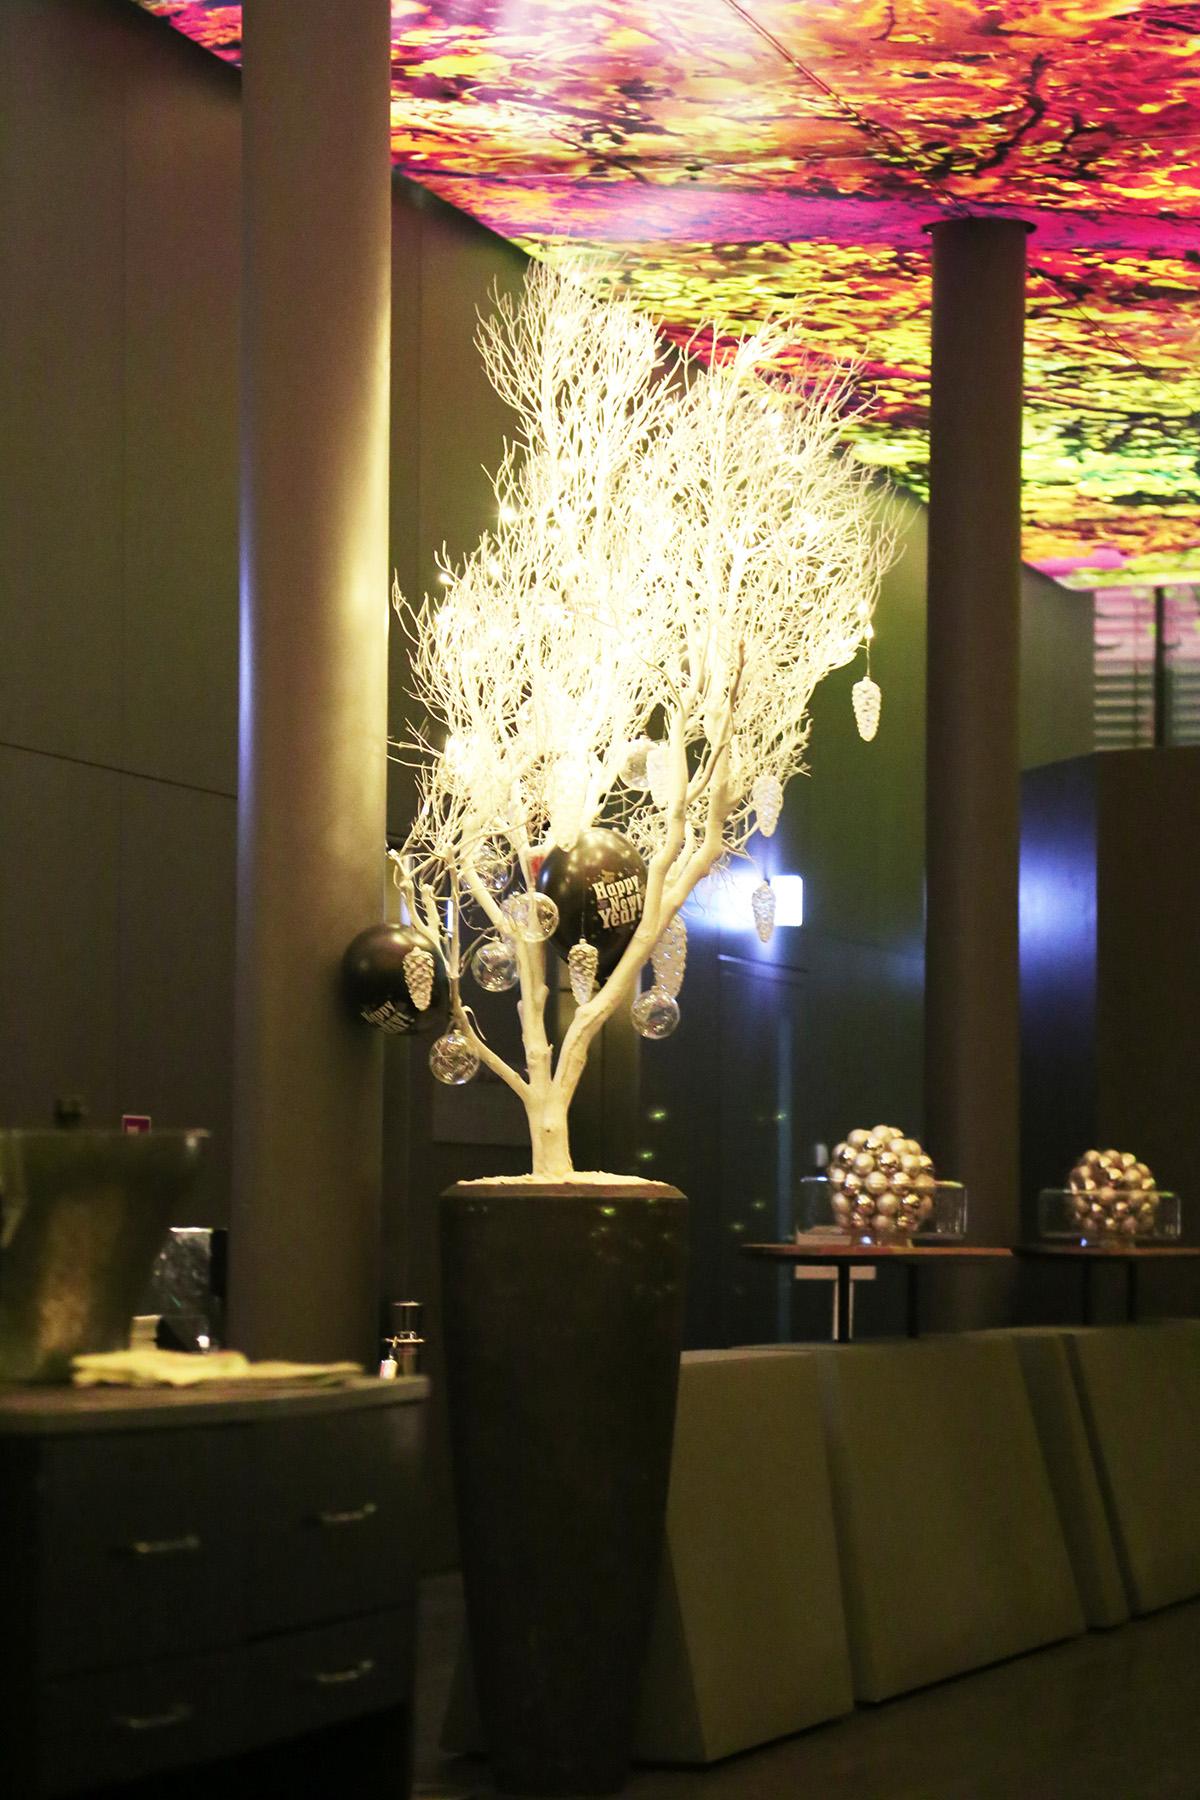 Das Loft Bar Restaurant Sofitel Vienna